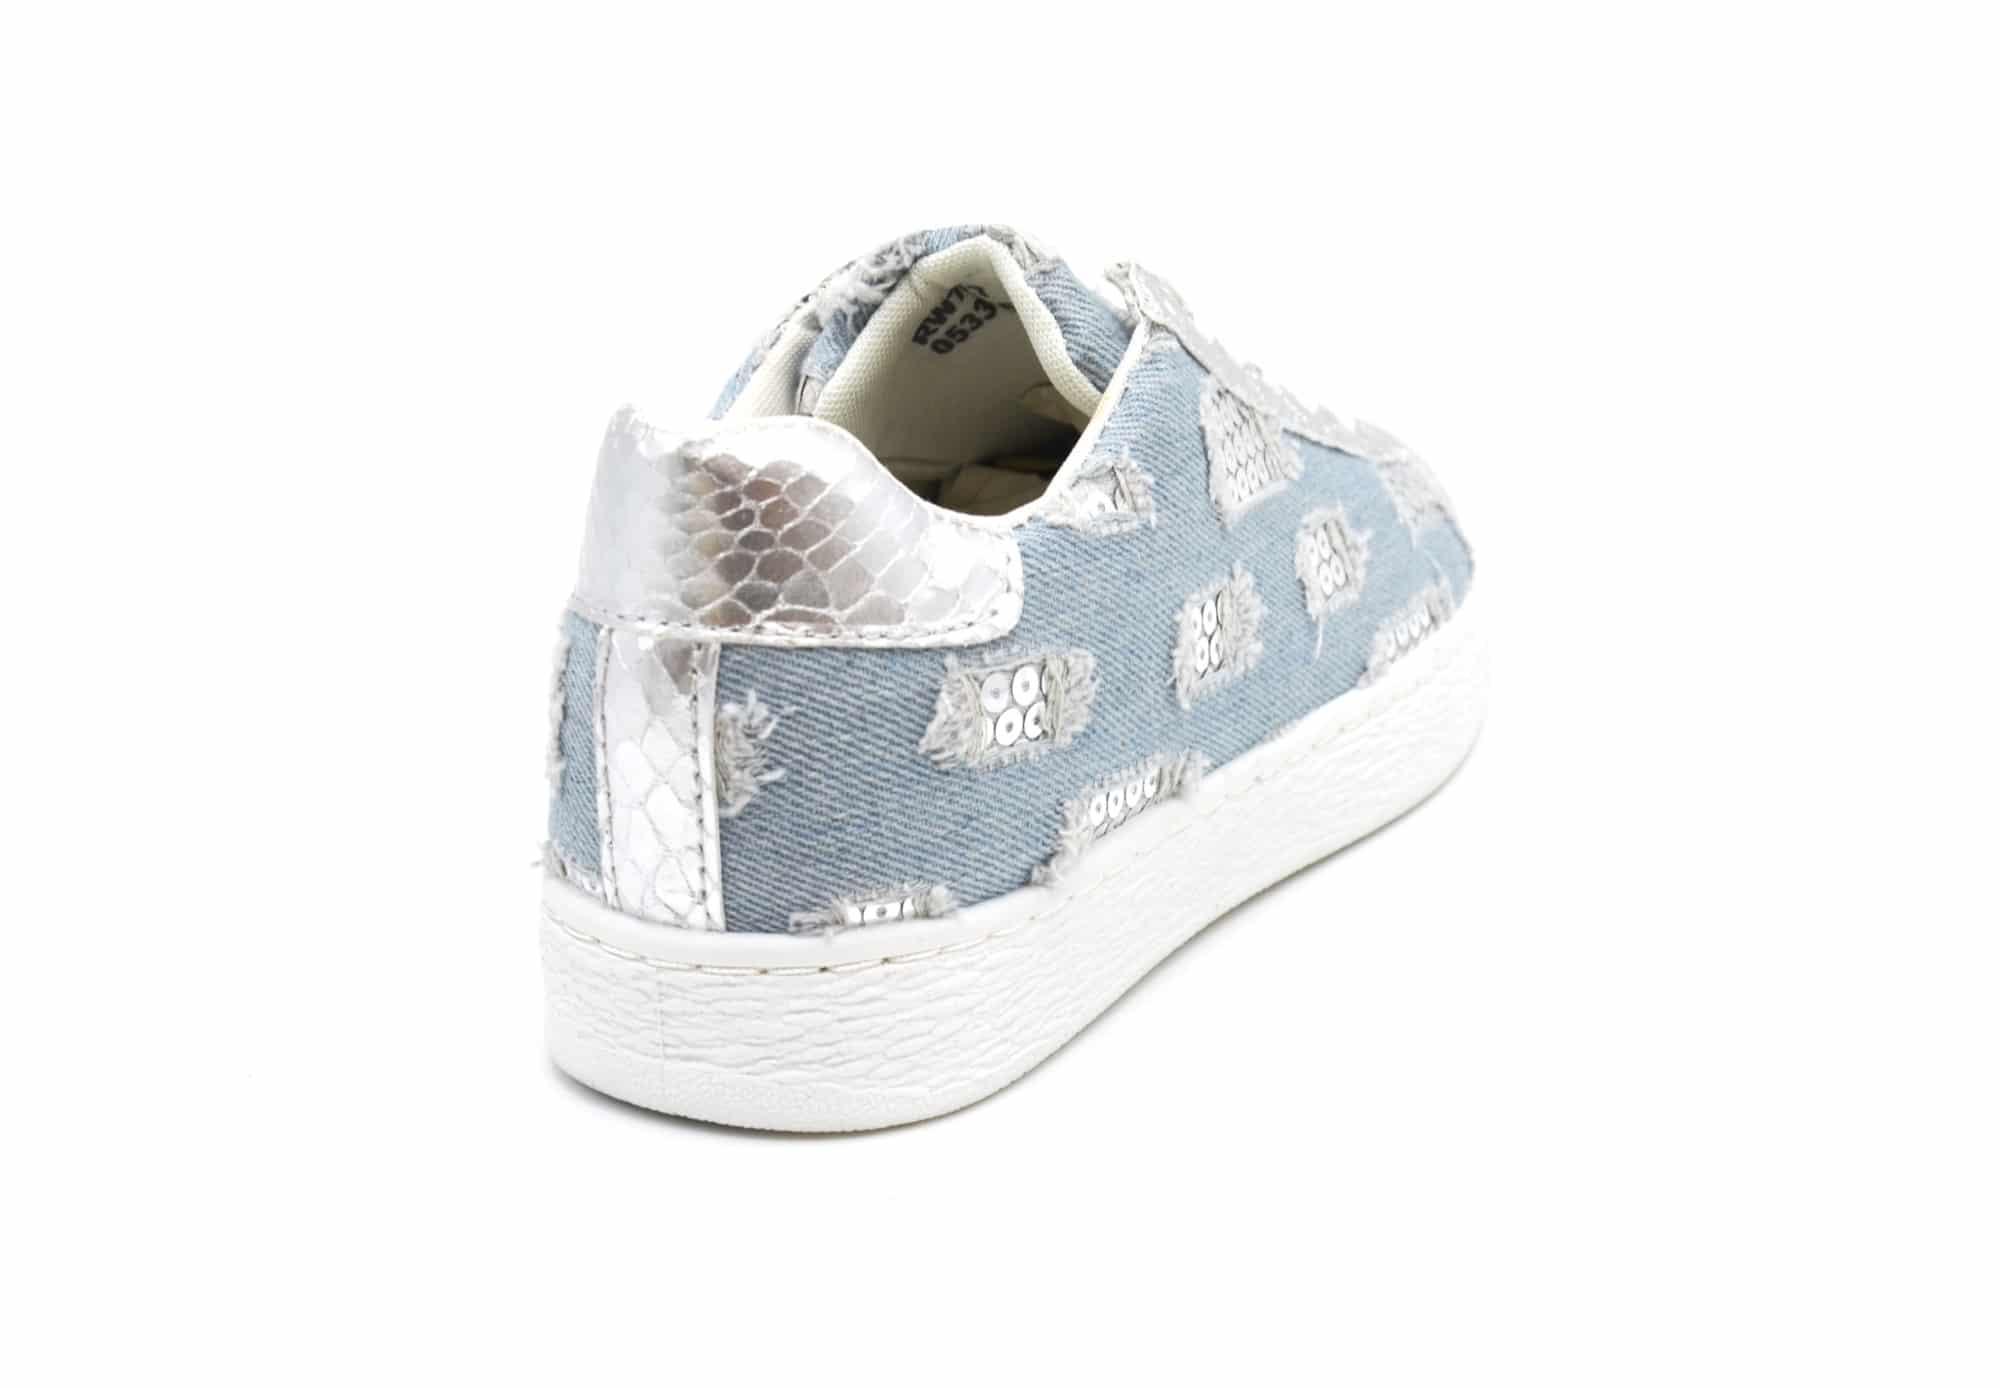 SHY48 * Baskets Tennis Sneakers Jean Denim Clair avec Motif Destroy Sequins et Ecailles Argenté